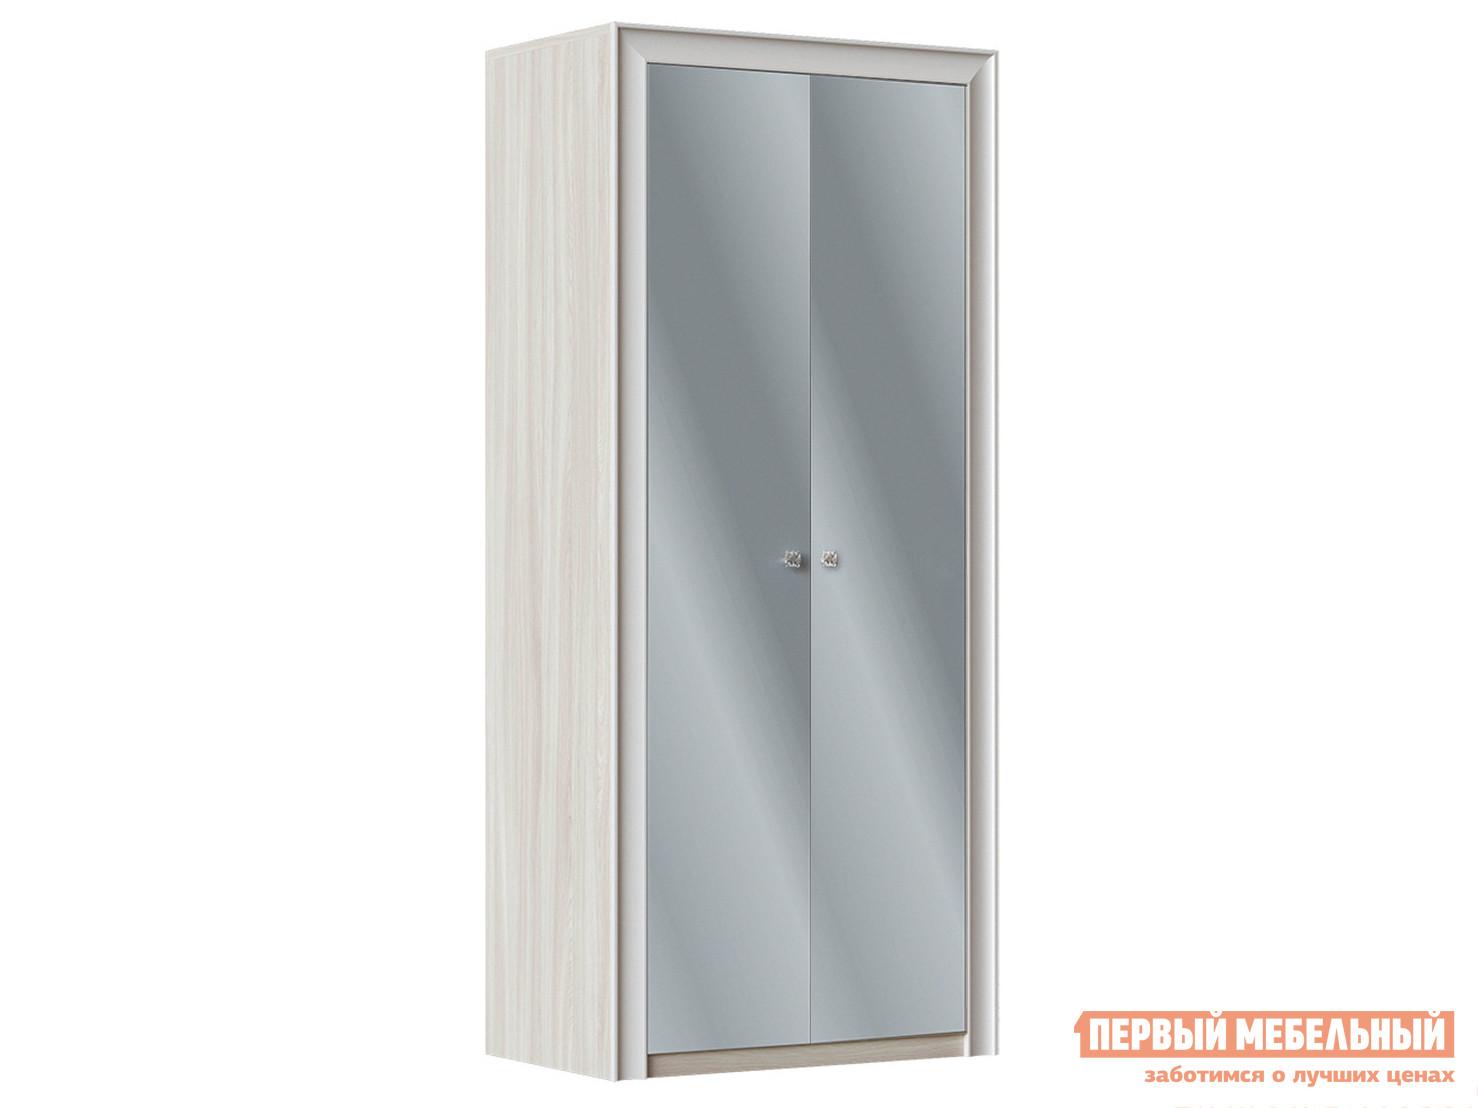 Шкаф распашной Первый Мебельный Прато Ш2 с зеркалами